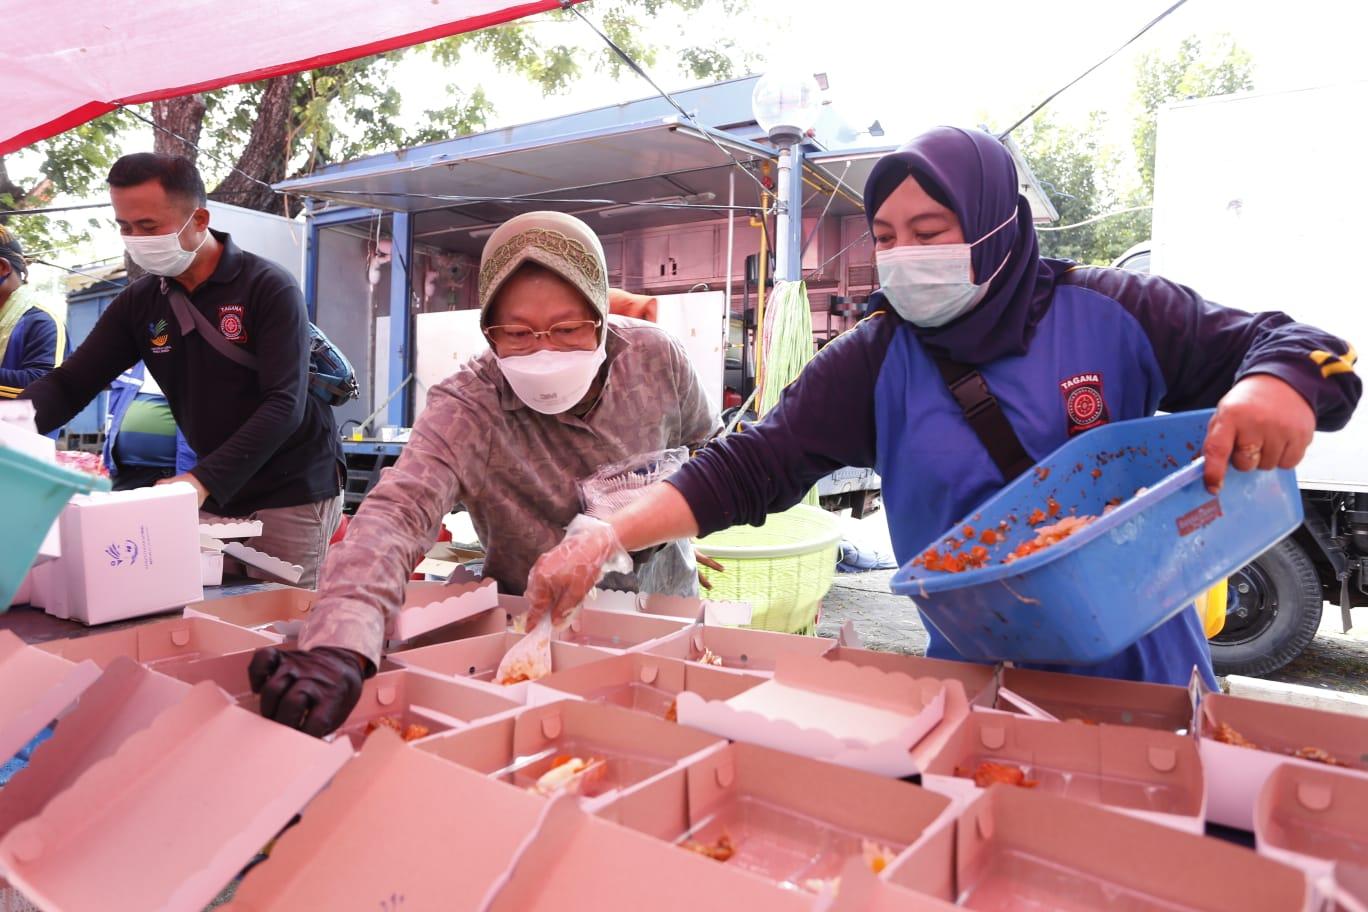 Detak Kehidupan dari Balik Tenda Biru, Dukungan Ribuan Makanan Siap Saji di Masa Kedaruratan